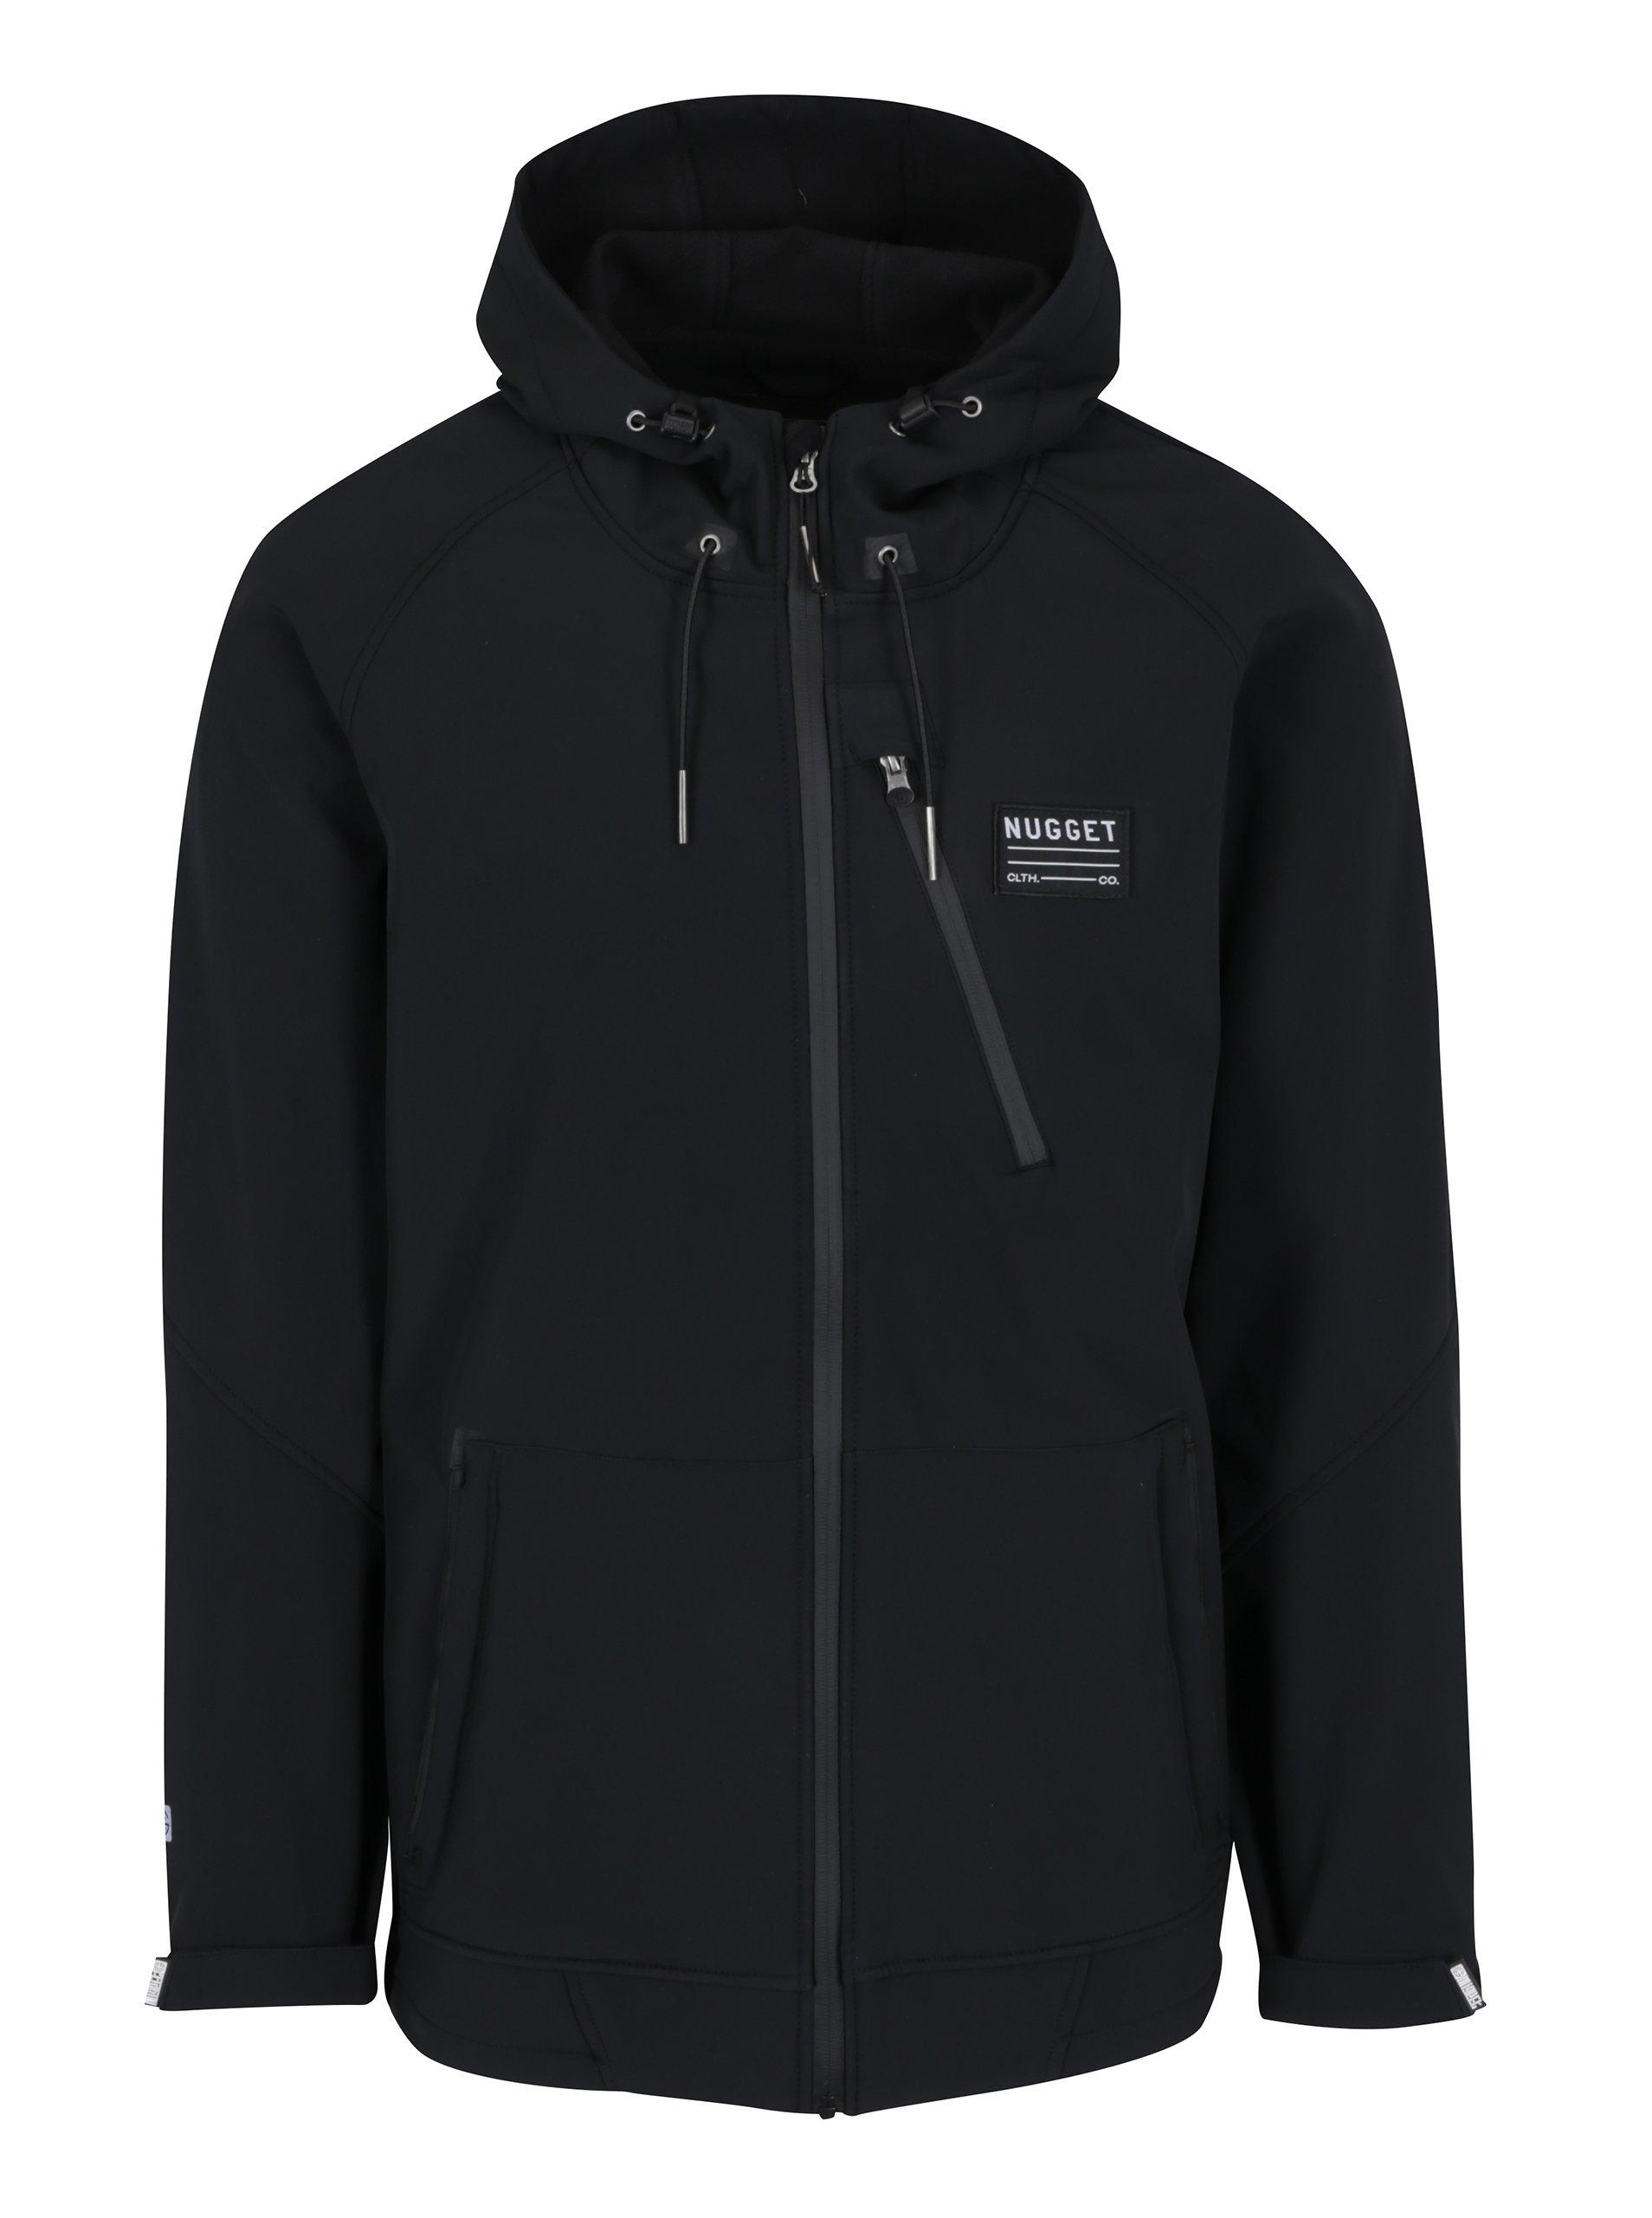 Černá pánská softshellová voděodolná bunda s kapucí NUGGET Nano